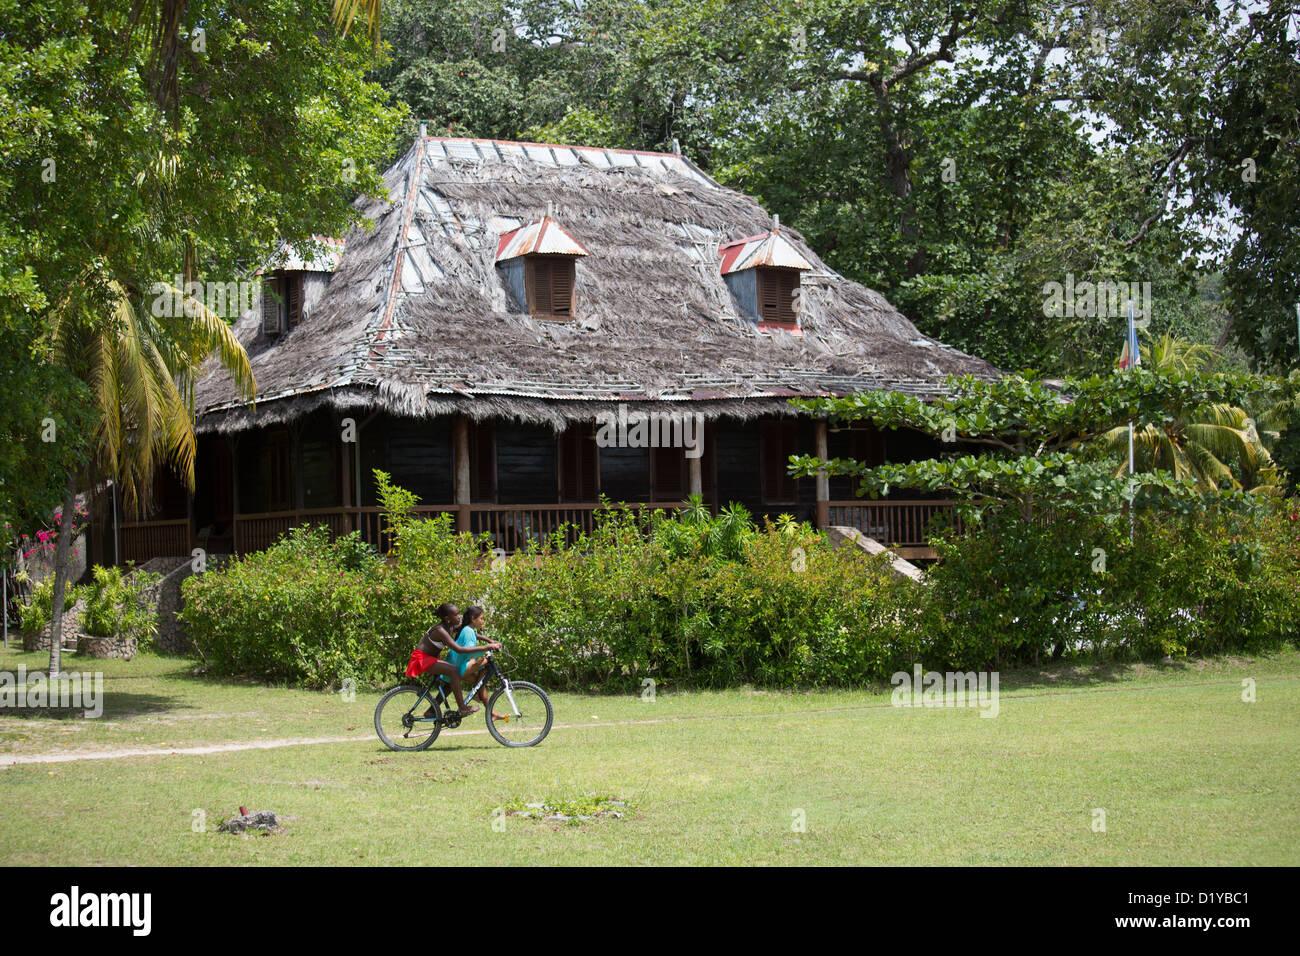 Plantation House, L' Union Estate, La Digue Island, Seychelles - Stock Image